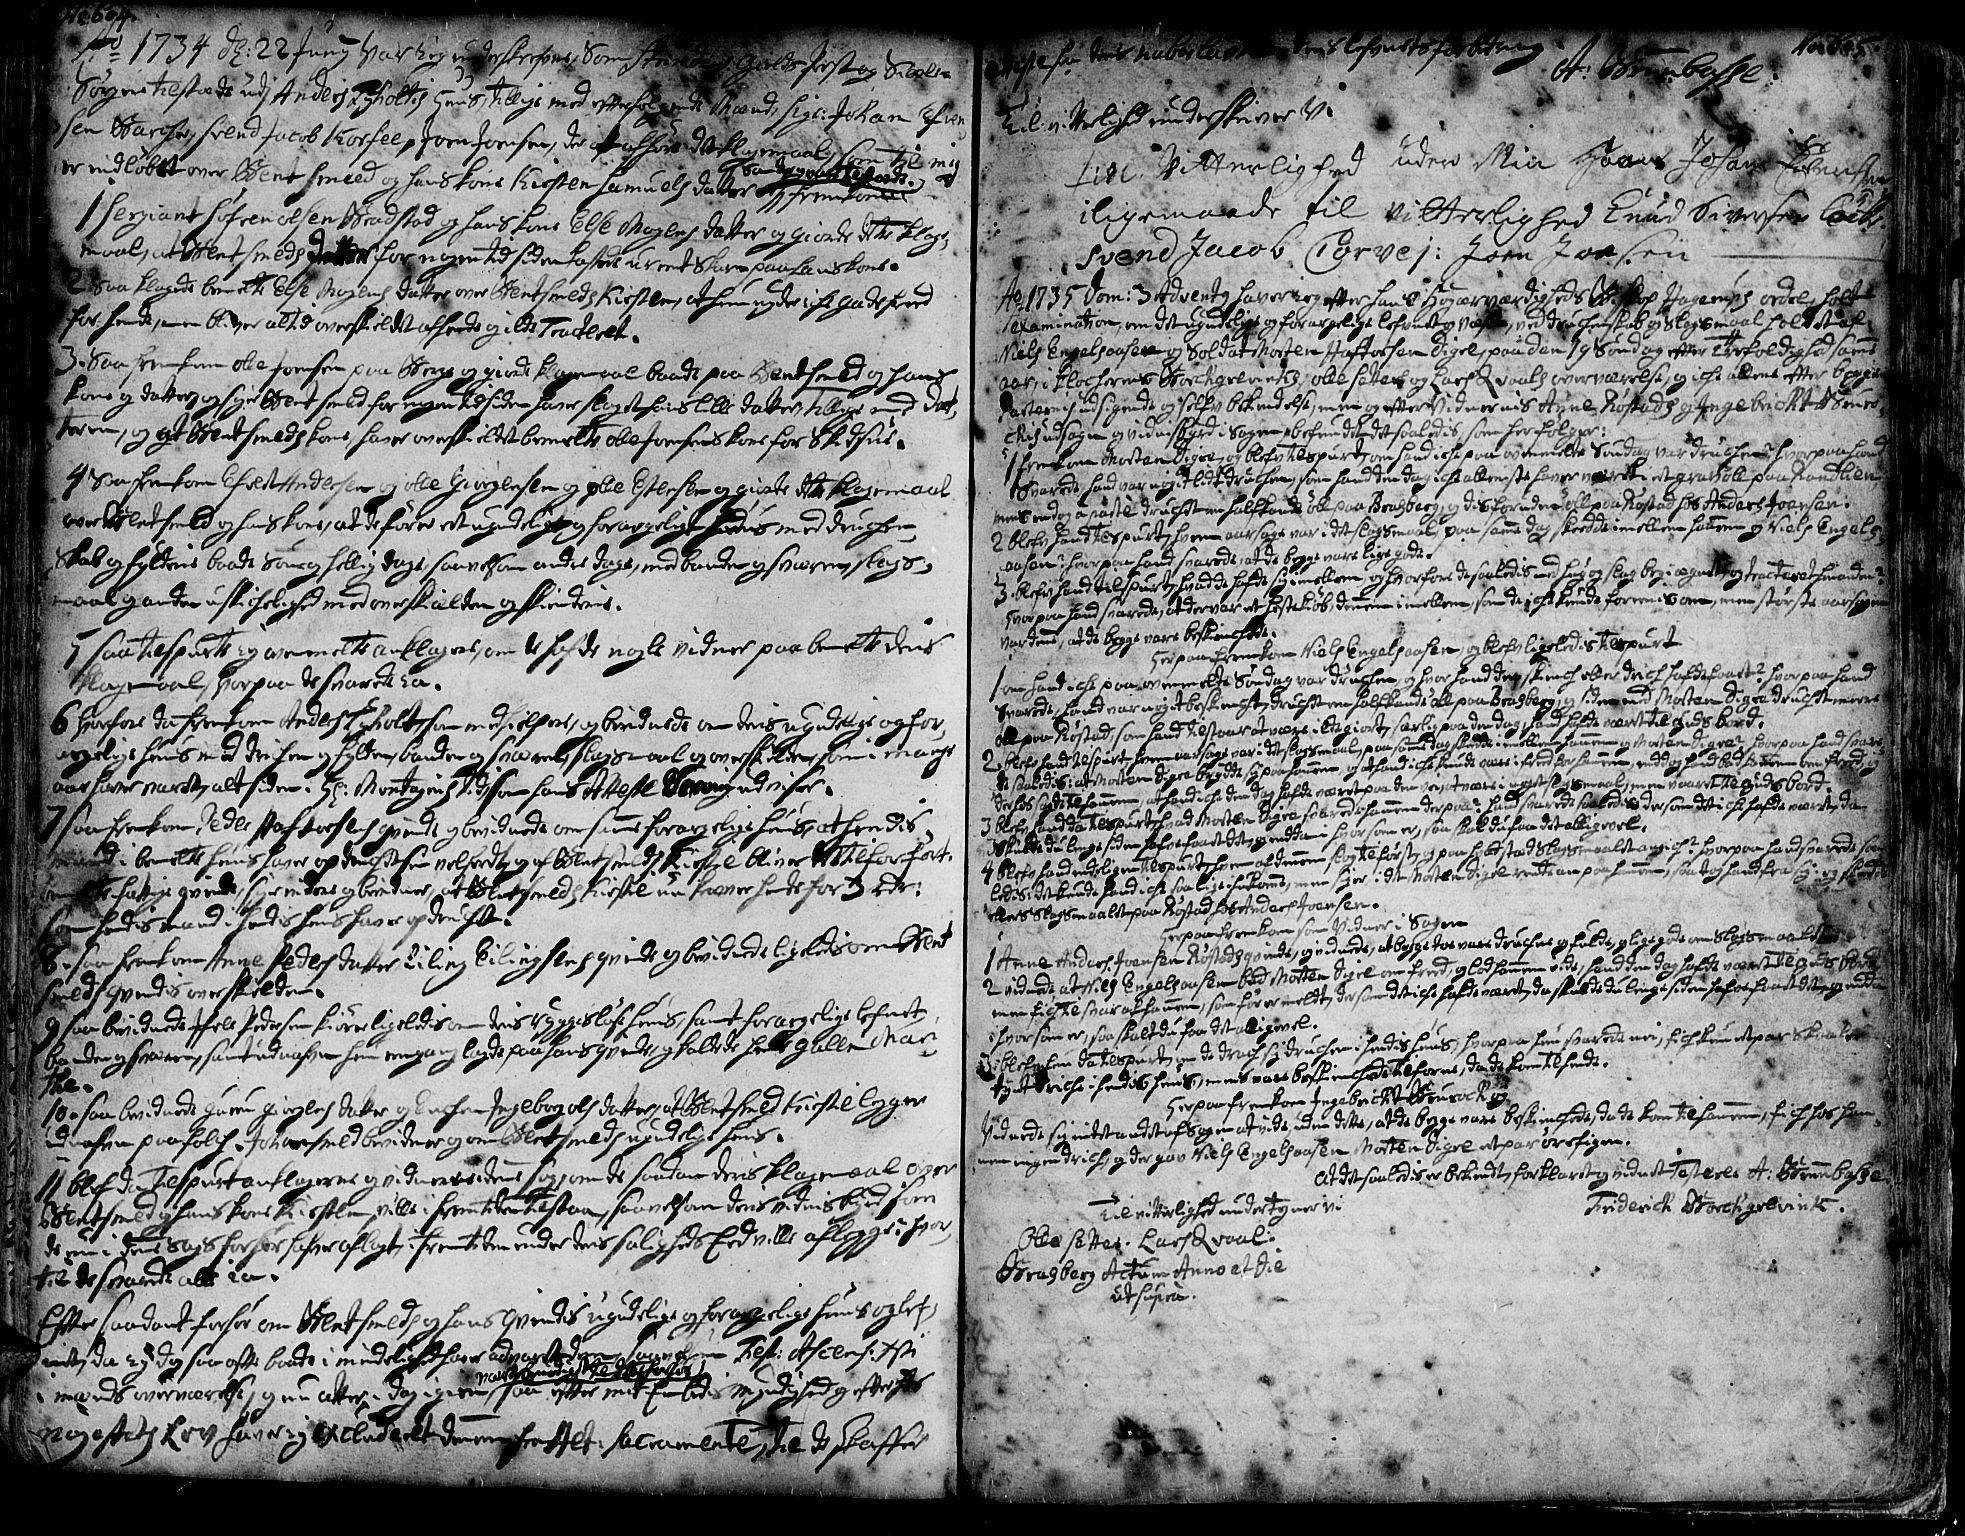 SAT, Ministerialprotokoller, klokkerbøker og fødselsregistre - Sør-Trøndelag, 606/L0275: Ministerialbok nr. 606A01 /1, 1727-1780, s. 604-605